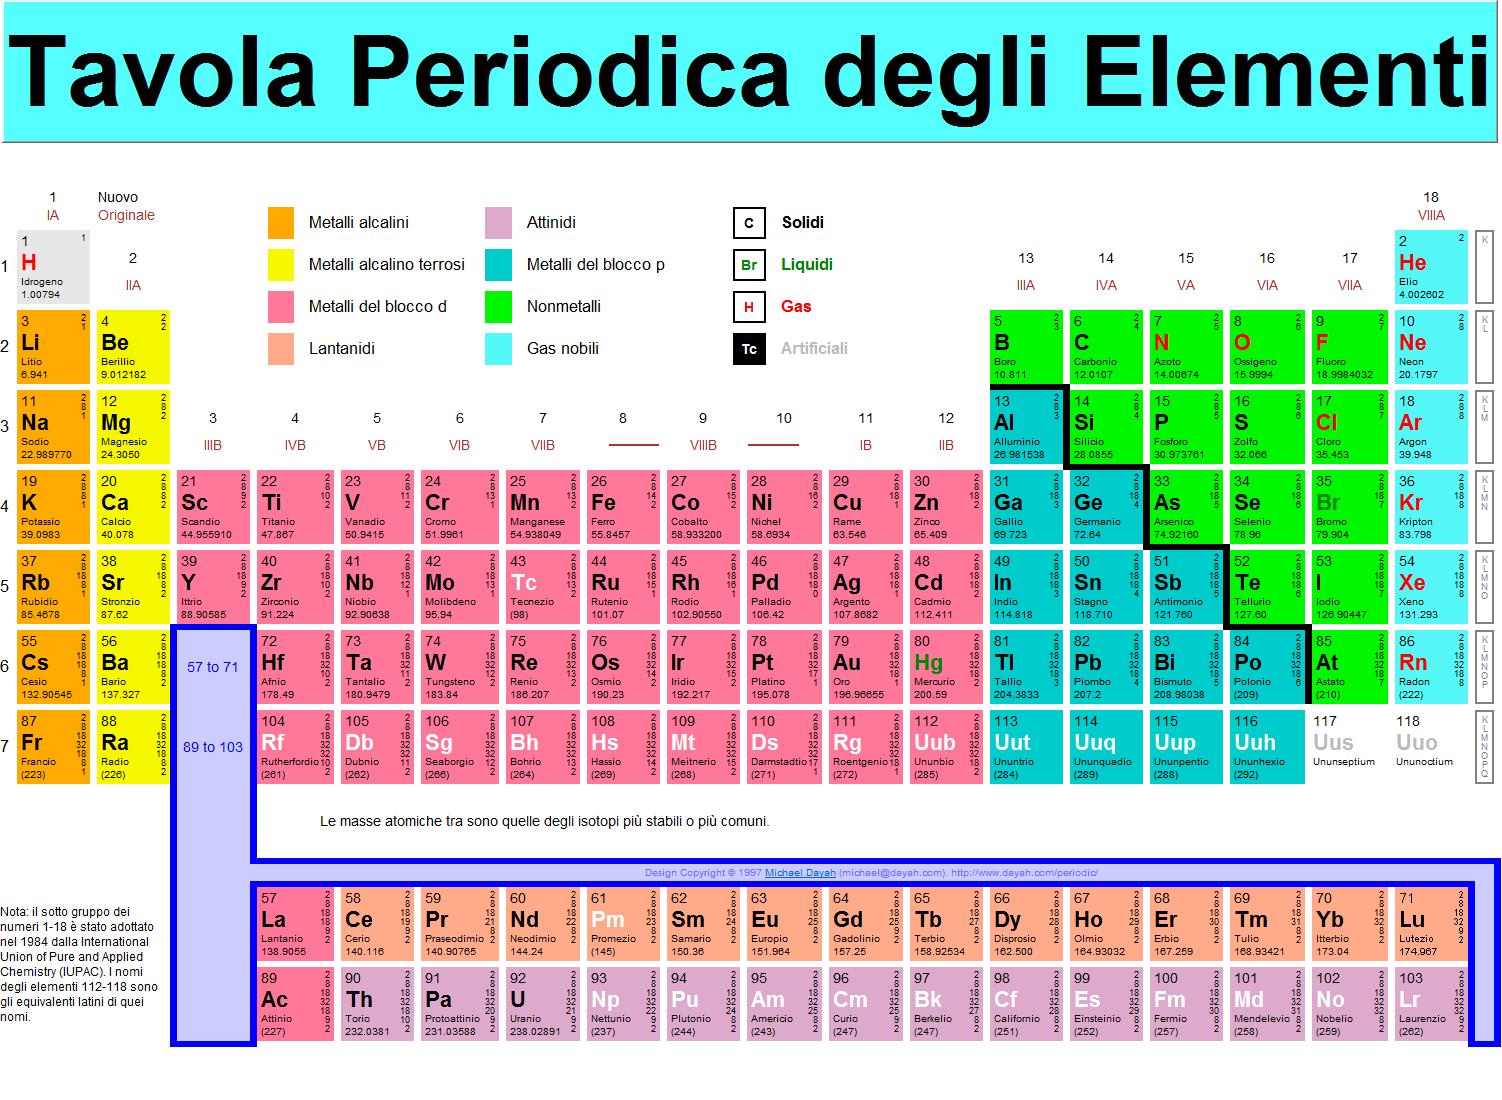 Chimica. 4 nuovi elementi per la tavola periodica.